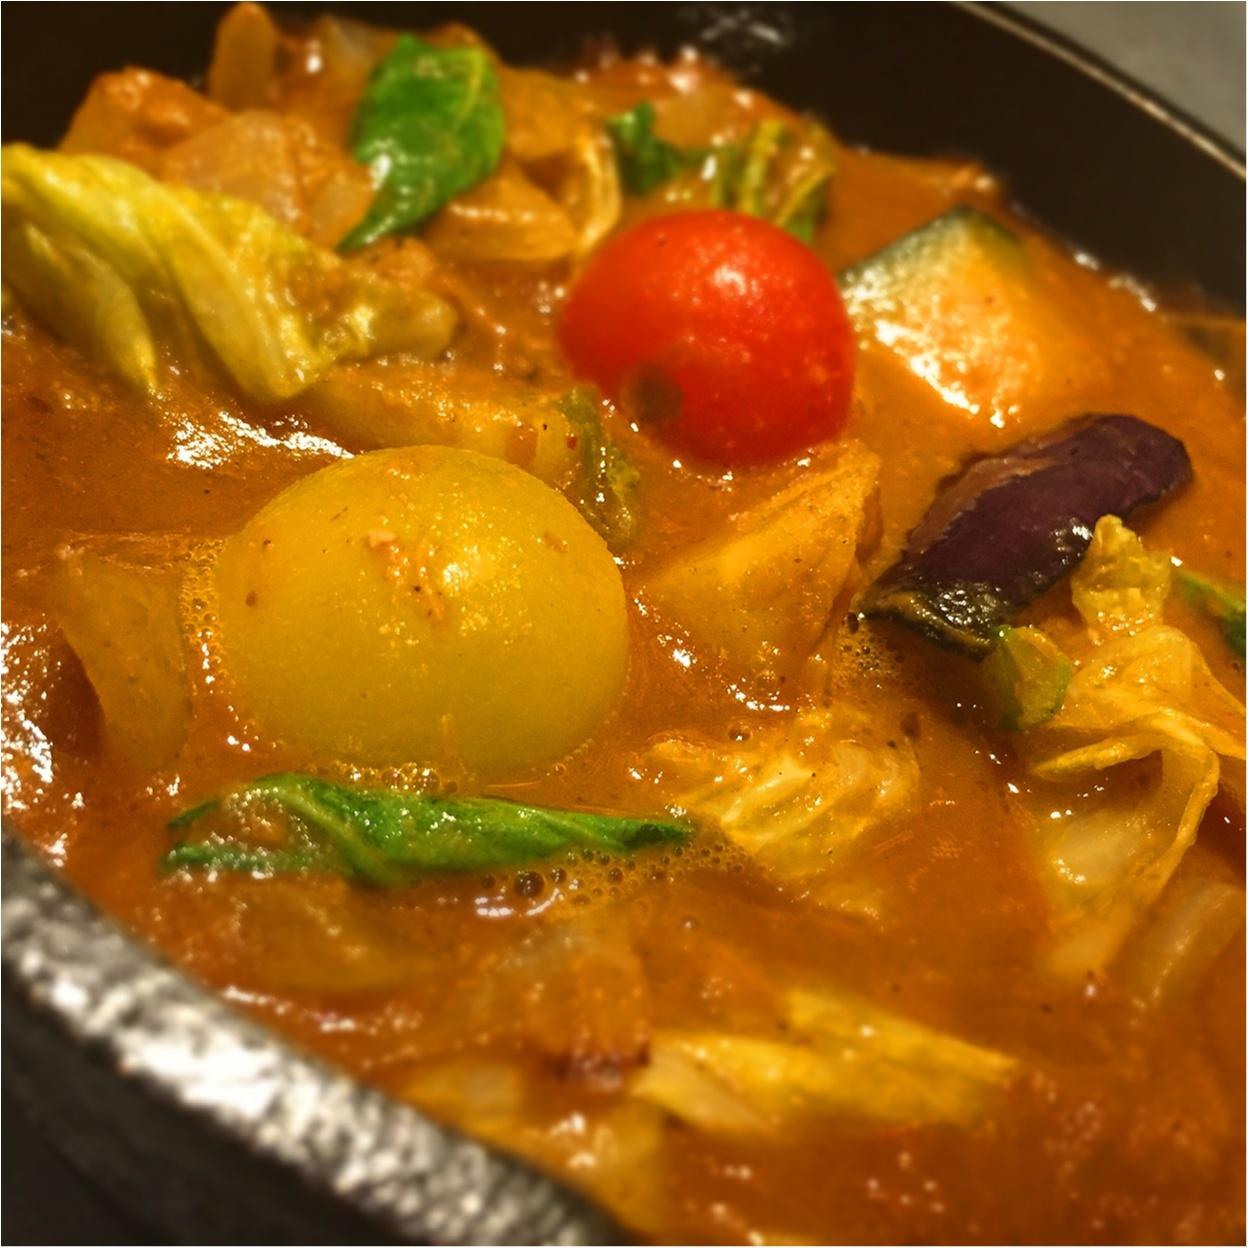 旬の野菜が350g✨✨キャンプ気分を味わえる【*野菜を食べるカレー屋さん*】で1日分の野菜をチャージ♪♪_4